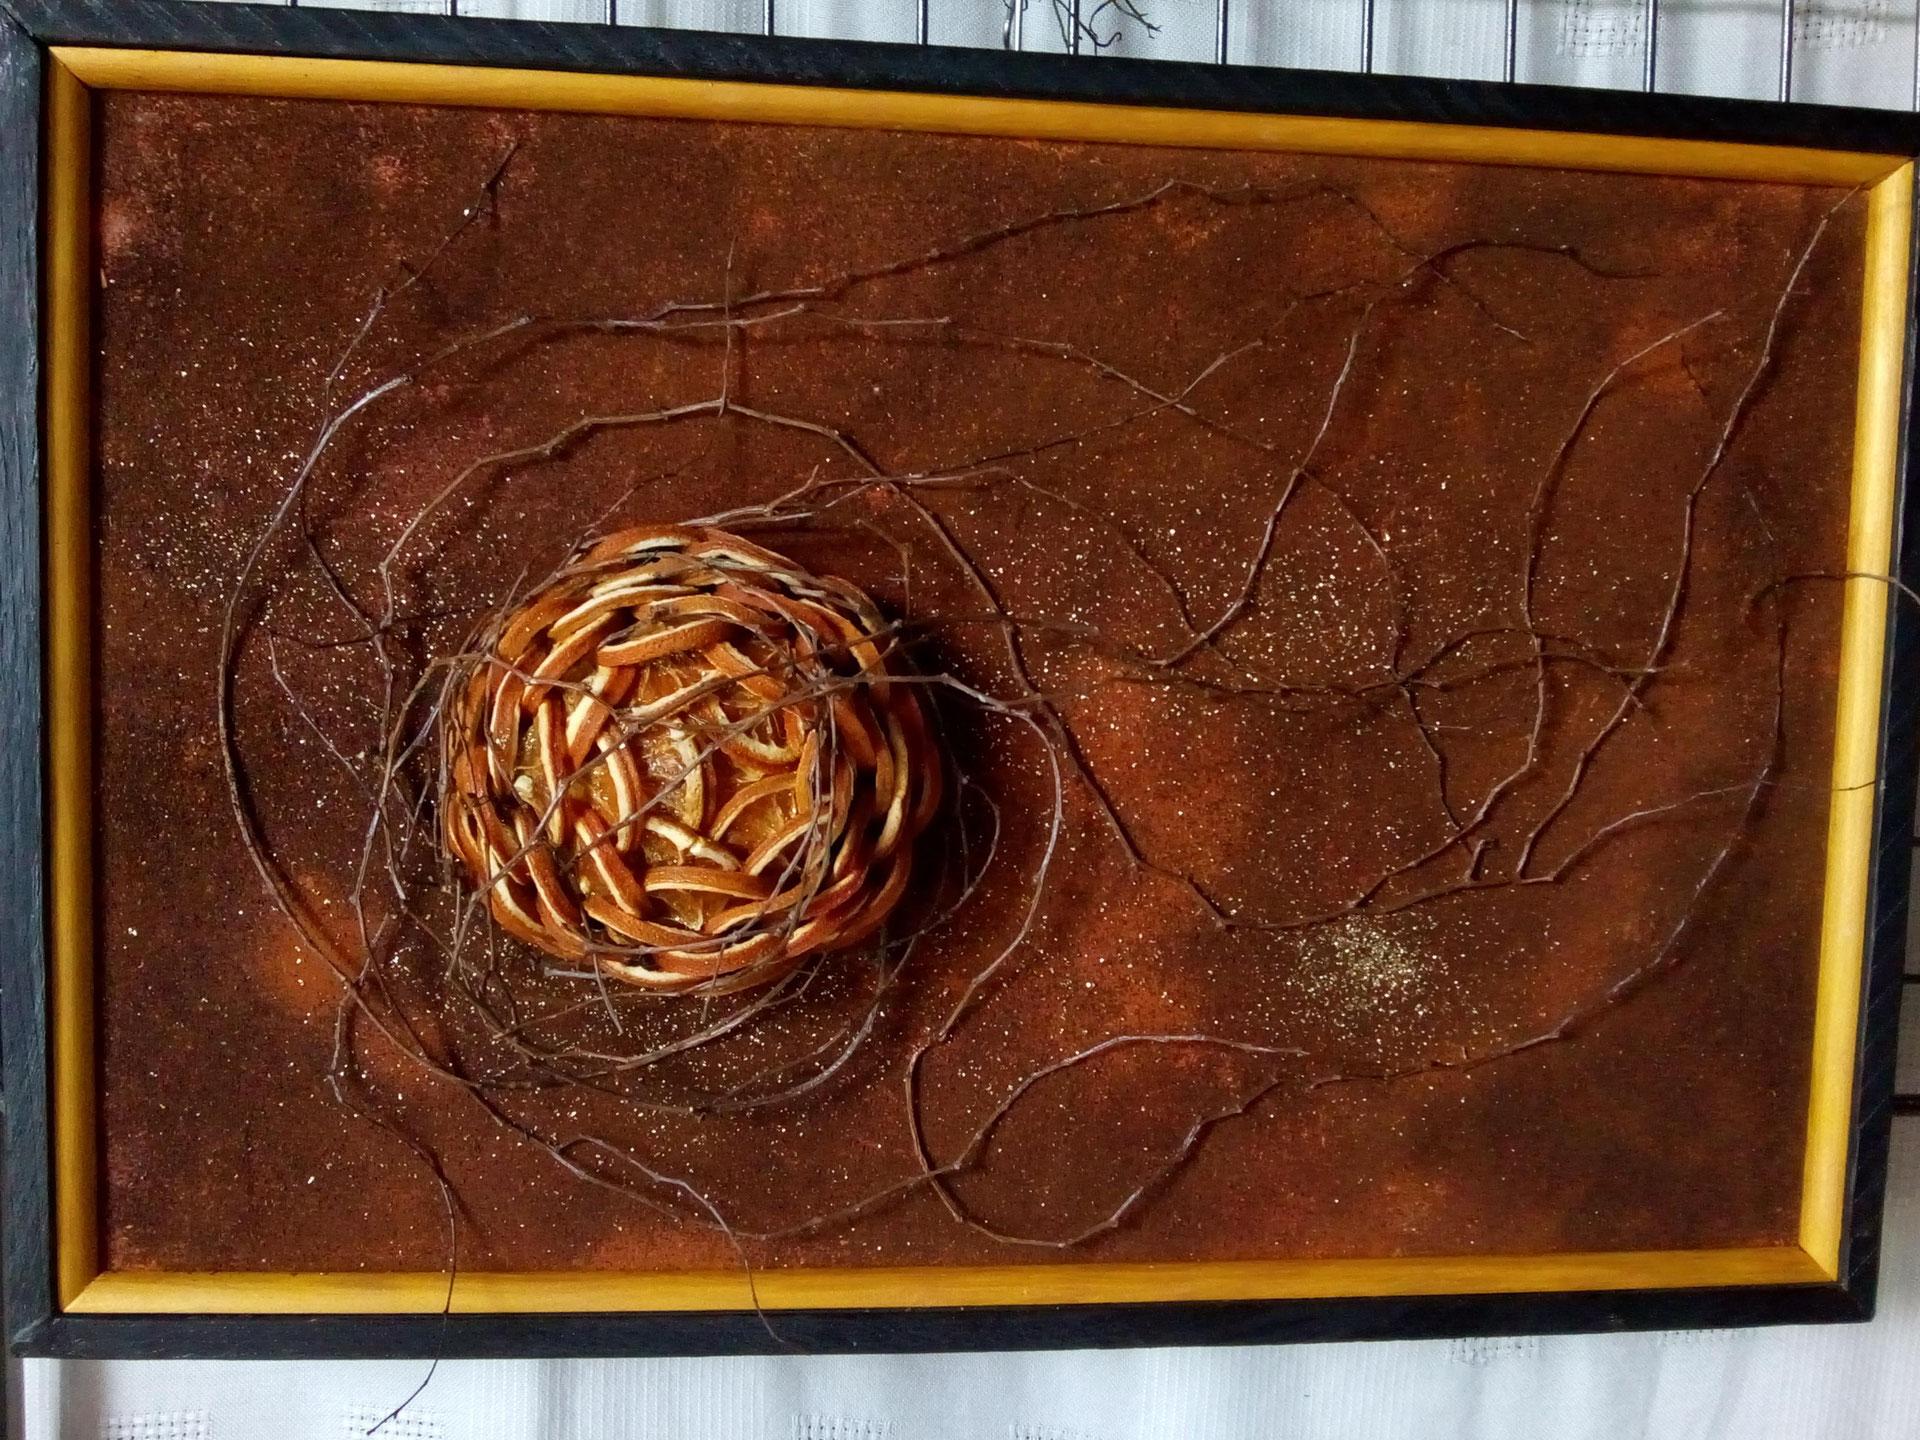 colette arts et mati res tableaux et murs v g taux stabilis s site de coletteartsetmatieres. Black Bedroom Furniture Sets. Home Design Ideas